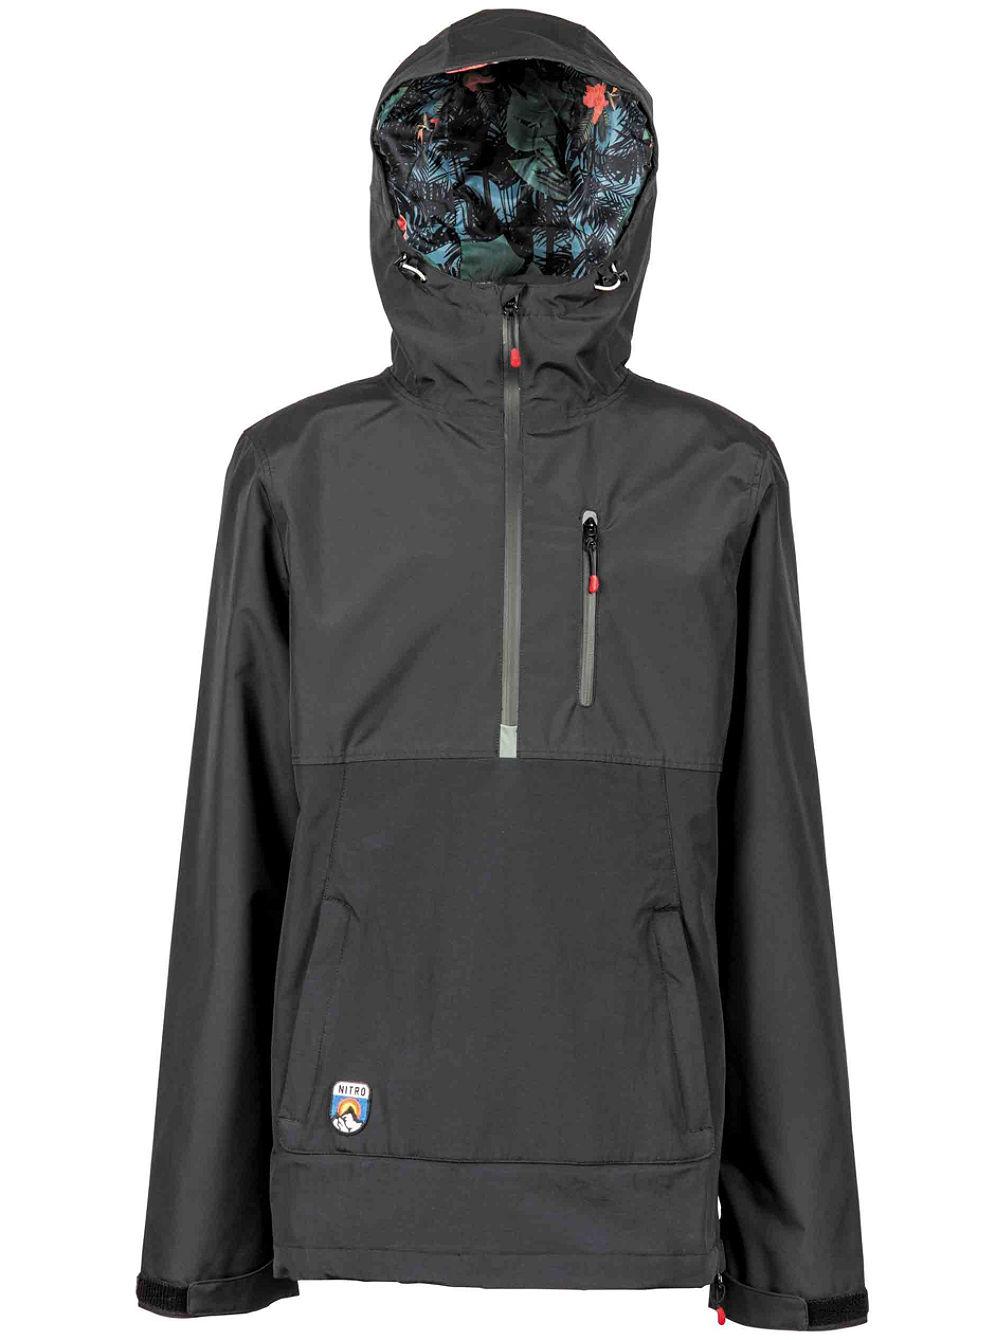 ebe8280b0 Denali Jacket